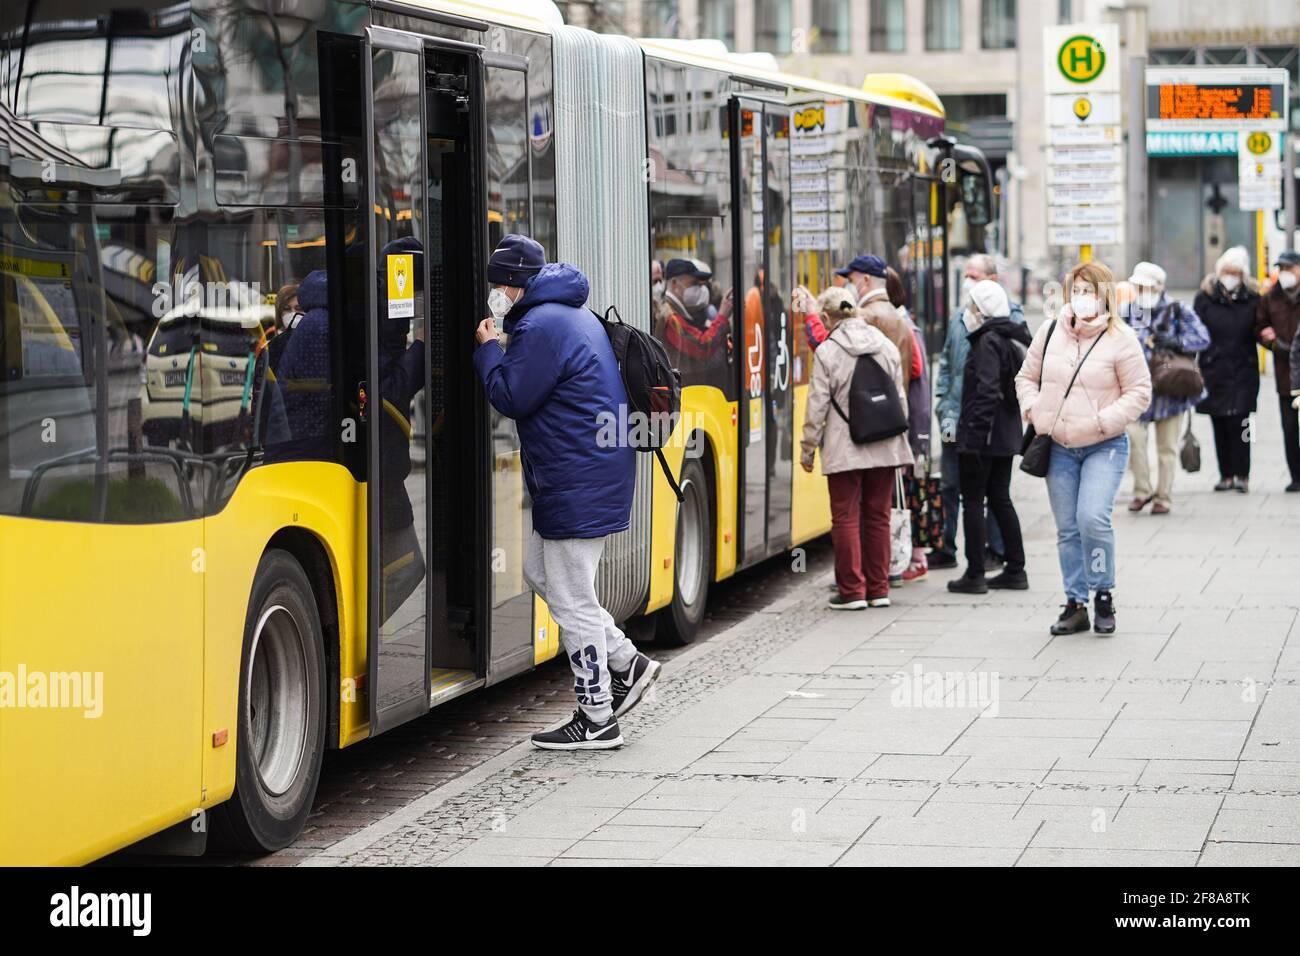 Berlín, Alemania. 12th de Abr de 2021. La gente se prepara para tomar un autobús en Berlín, capital de Alemania, el 12 de abril de 2021. Más de tres millones de infecciones por COVID-19 se han registrado en Alemania el lunes desde el brote de la pandemia, según el Instituto Robert Koch (RKI). Crédito: Stefan Zeitz/Xinhua/Alamy Live News Foto de stock